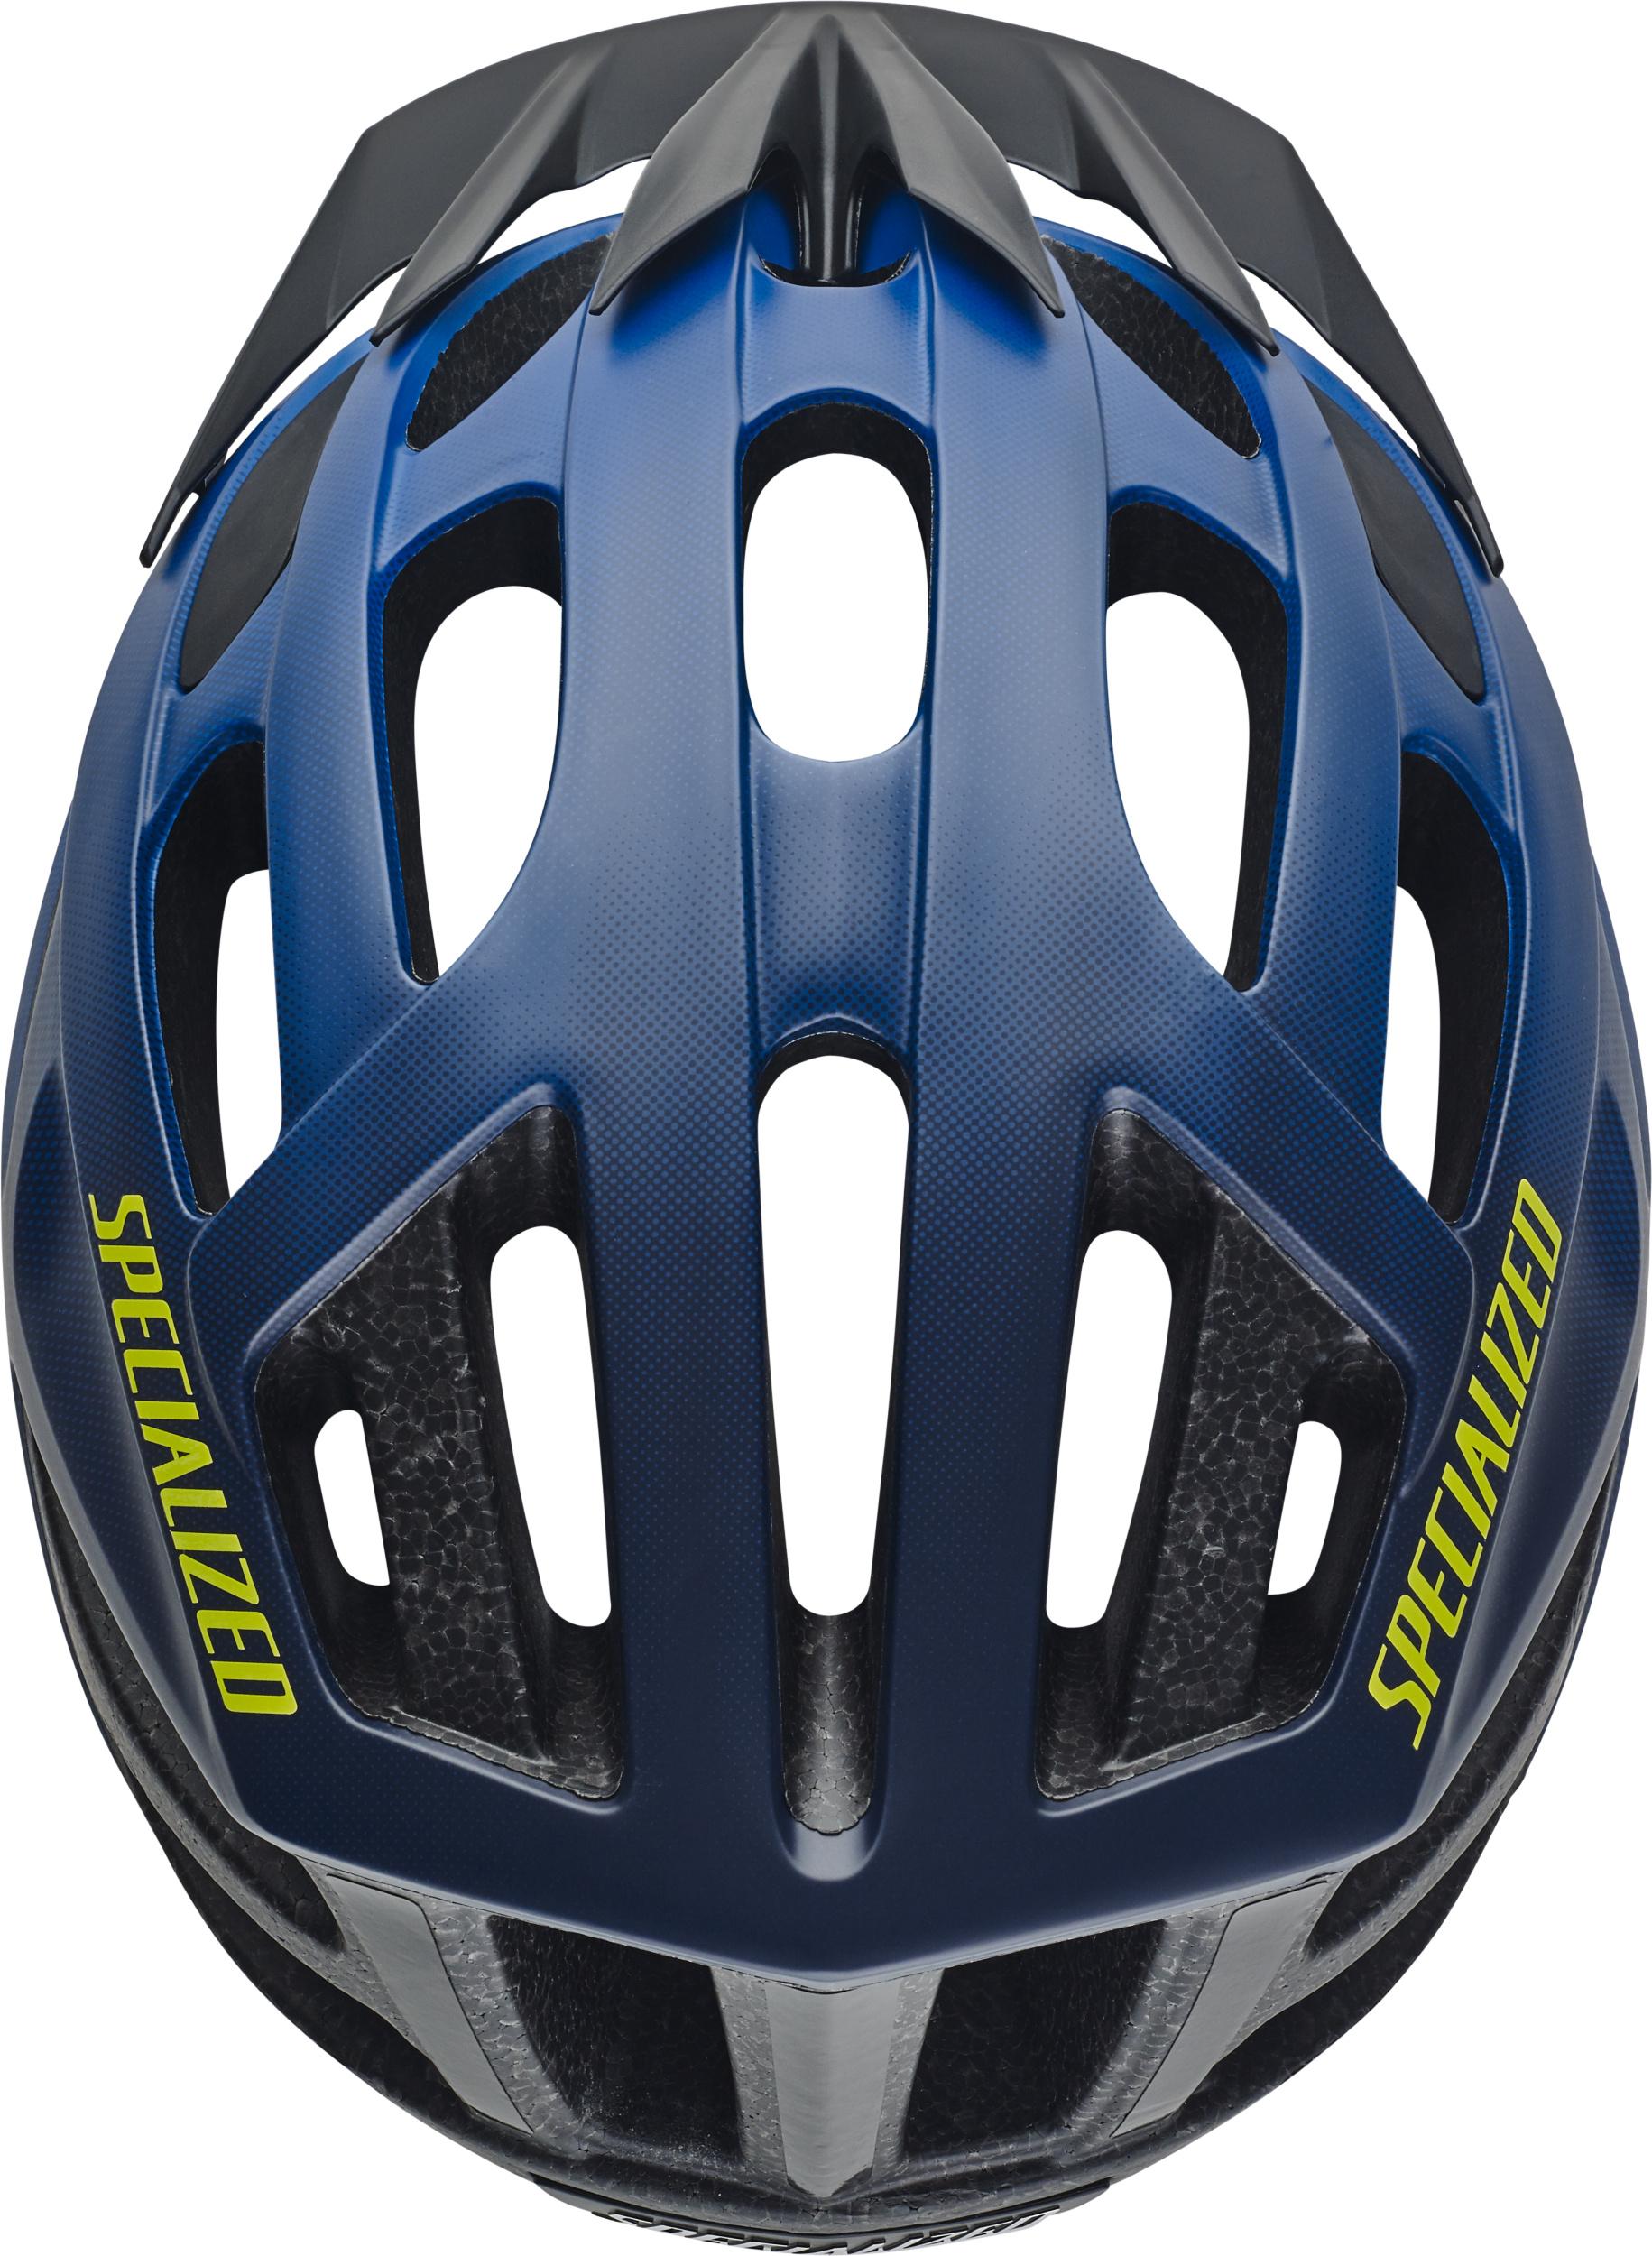 Align Helmet - $39